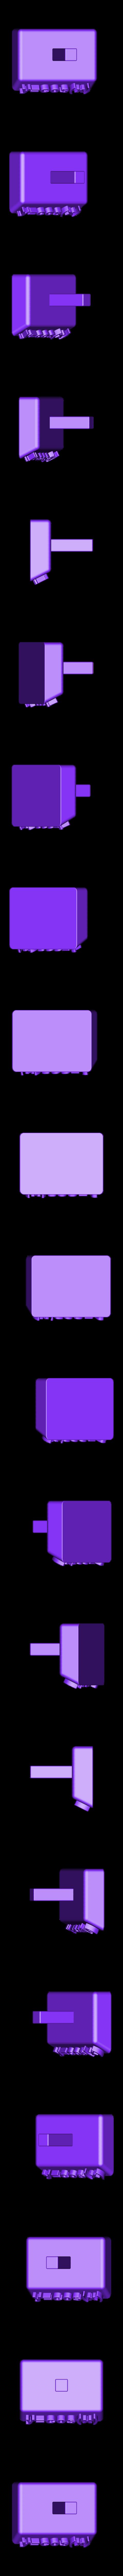 Function_Stickman_ycosx_bottom.stl Télécharger fichier STL gratuit Dancing Function Stickmen • Plan pour impression 3D, Chrisibub